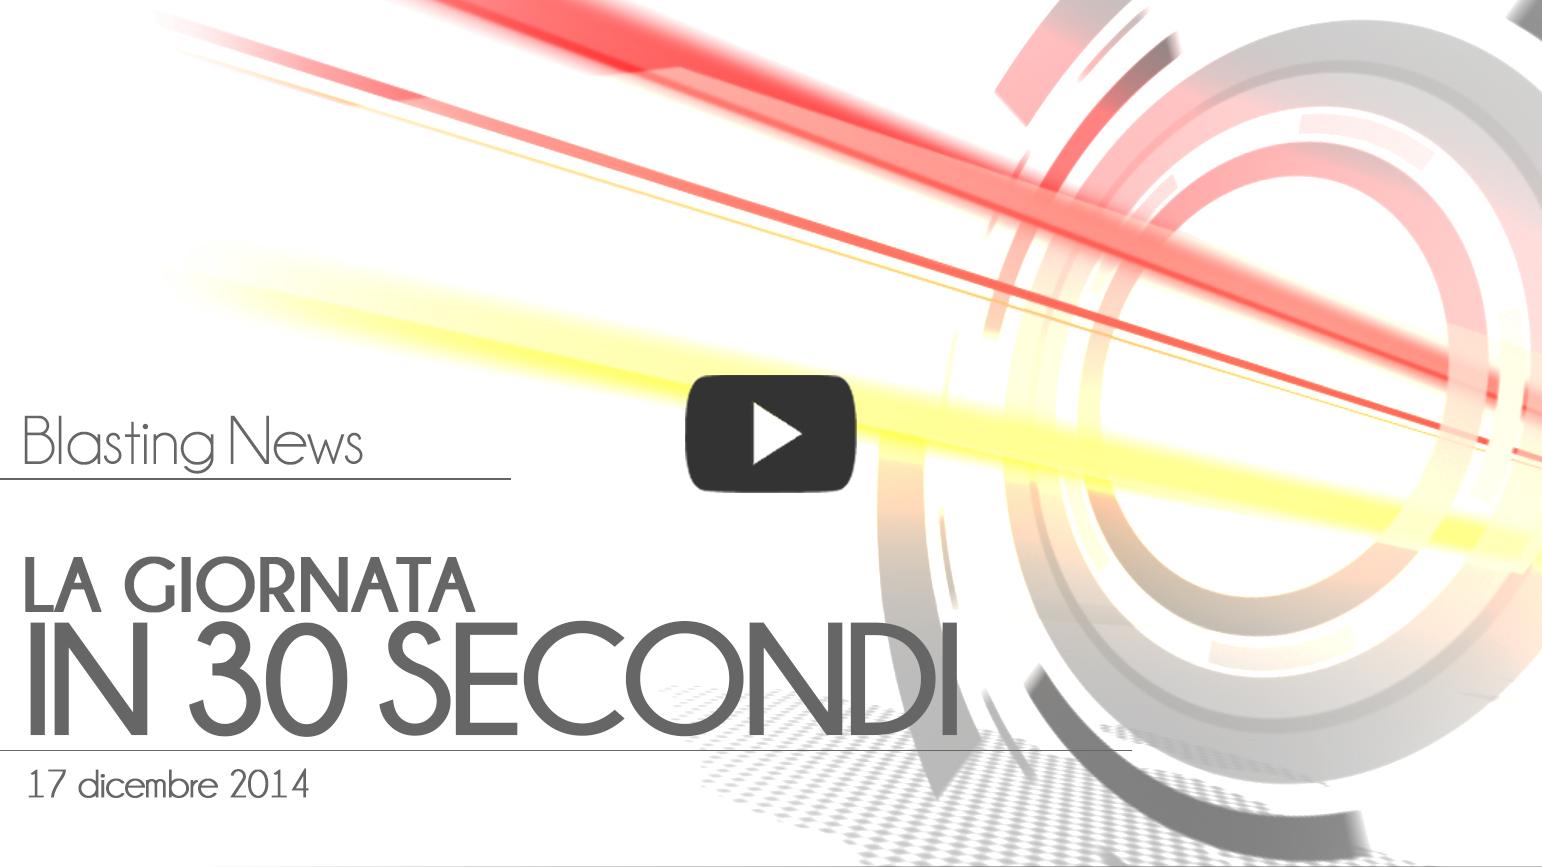 La giornata in 30 secondi - 17 dicembre 2014